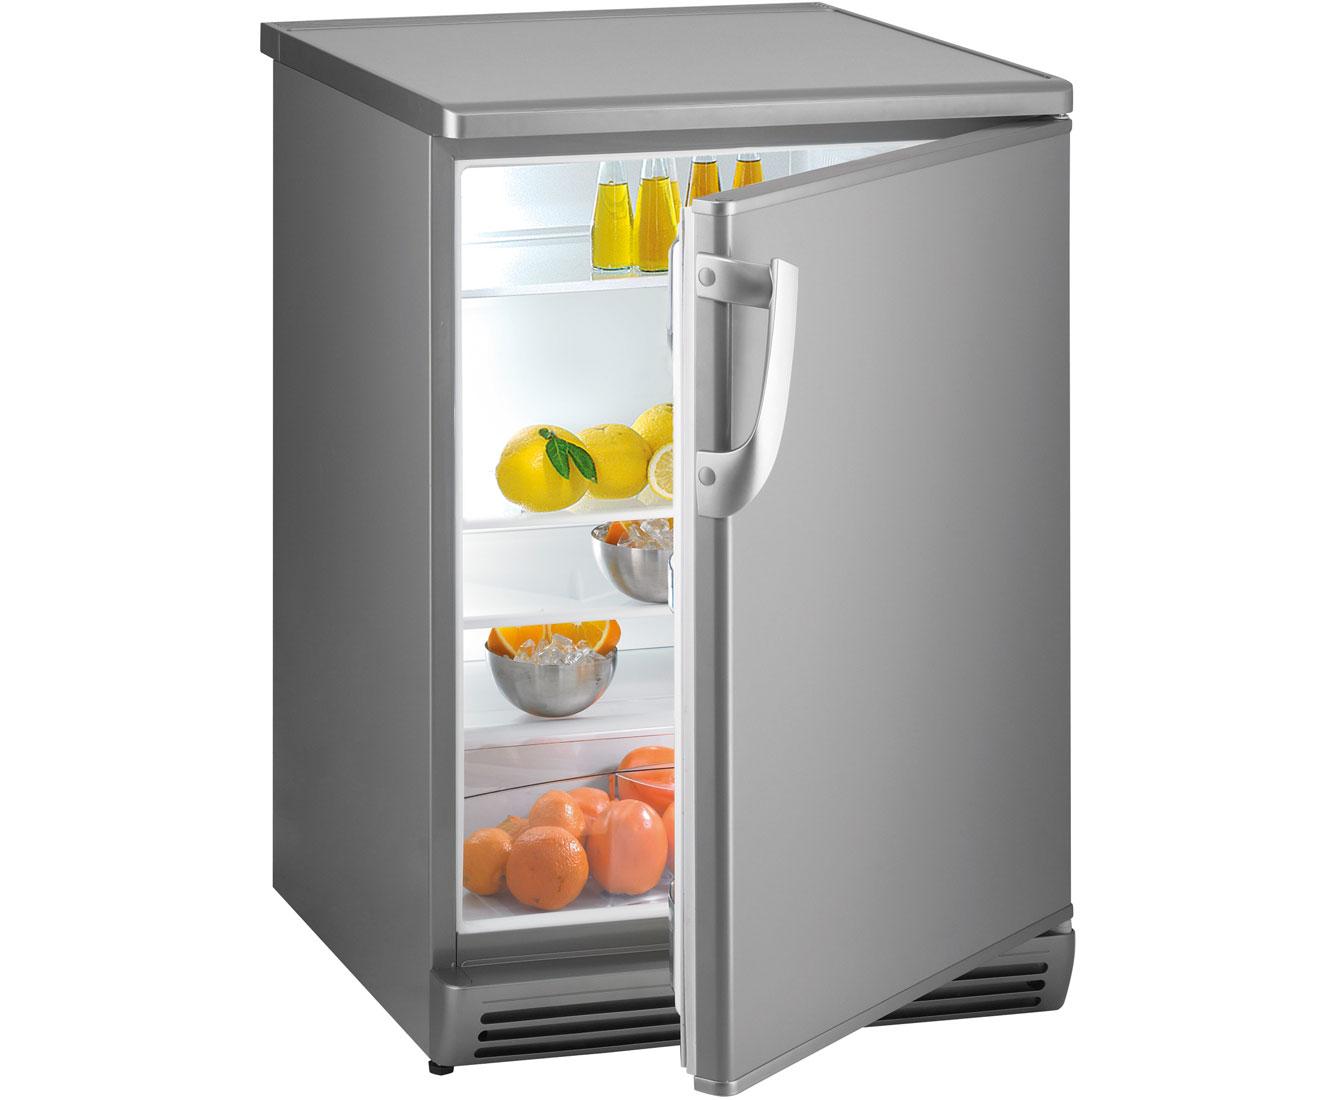 Aeg Kühlschrank Rfb52412ax : Edelstahl kühlschrank preisvergleich u die besten angebote online